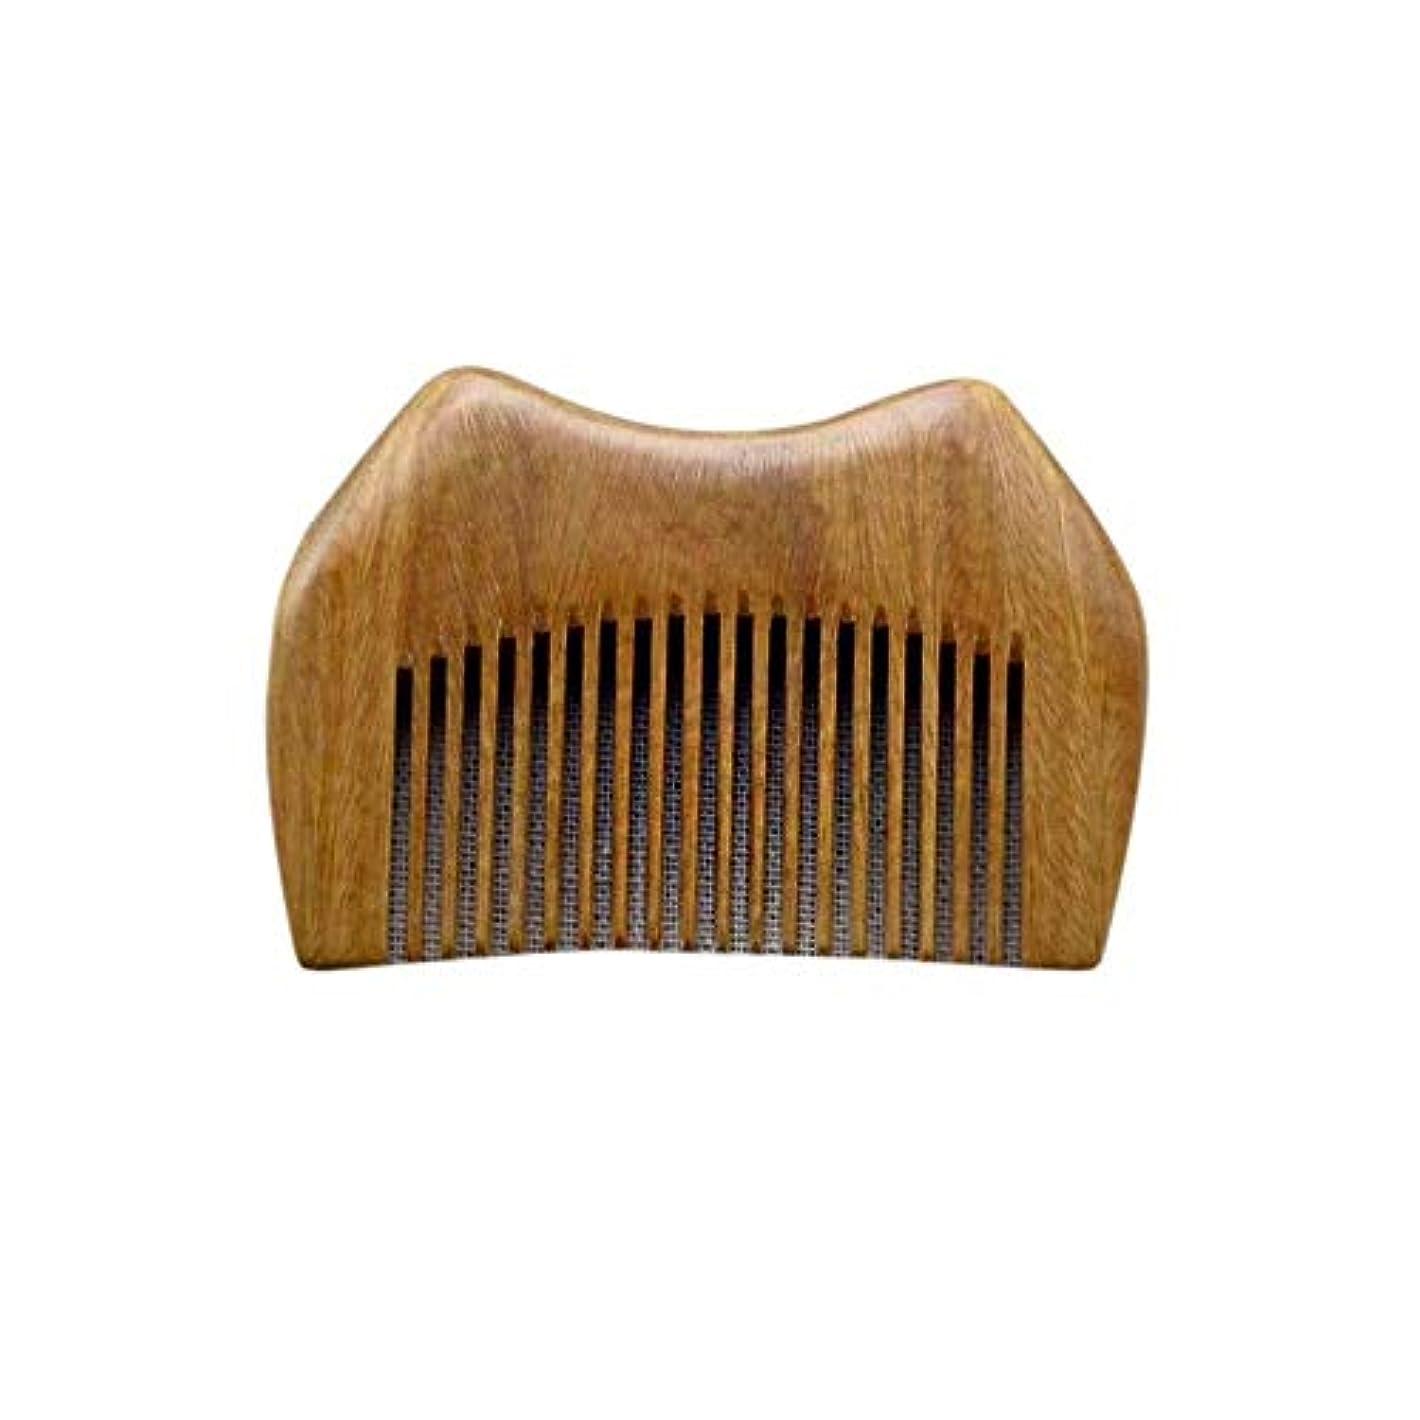 死ぬいとこワームヘアコーム理髪くし ショートハンドルに静的なグリーンサンダルウッドくし手作りの木製くし ヘアスタイリングコーム (Color : Photo color)